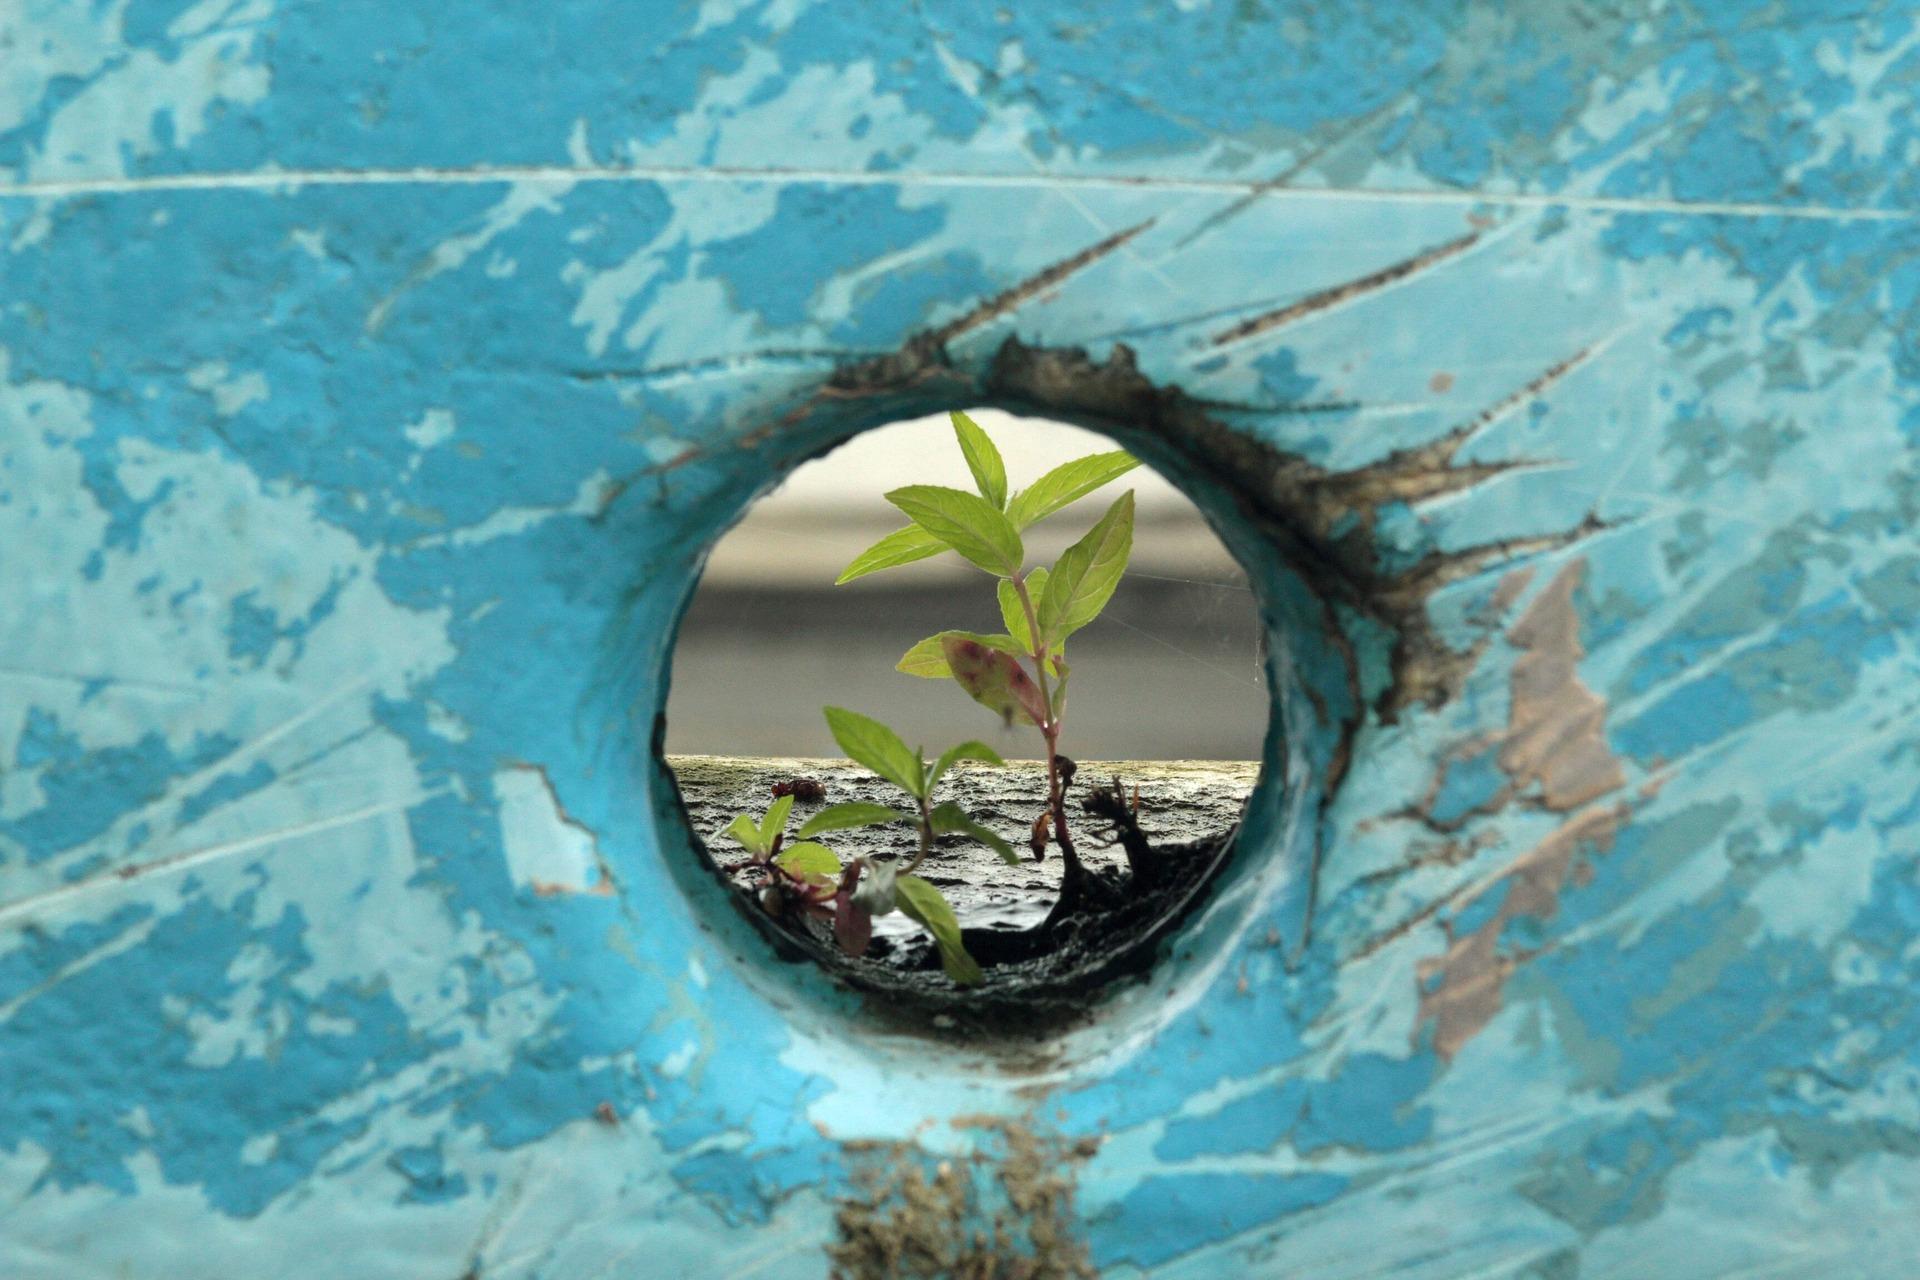 Costruire la propria resilienza: riorganizzarsi positivamente